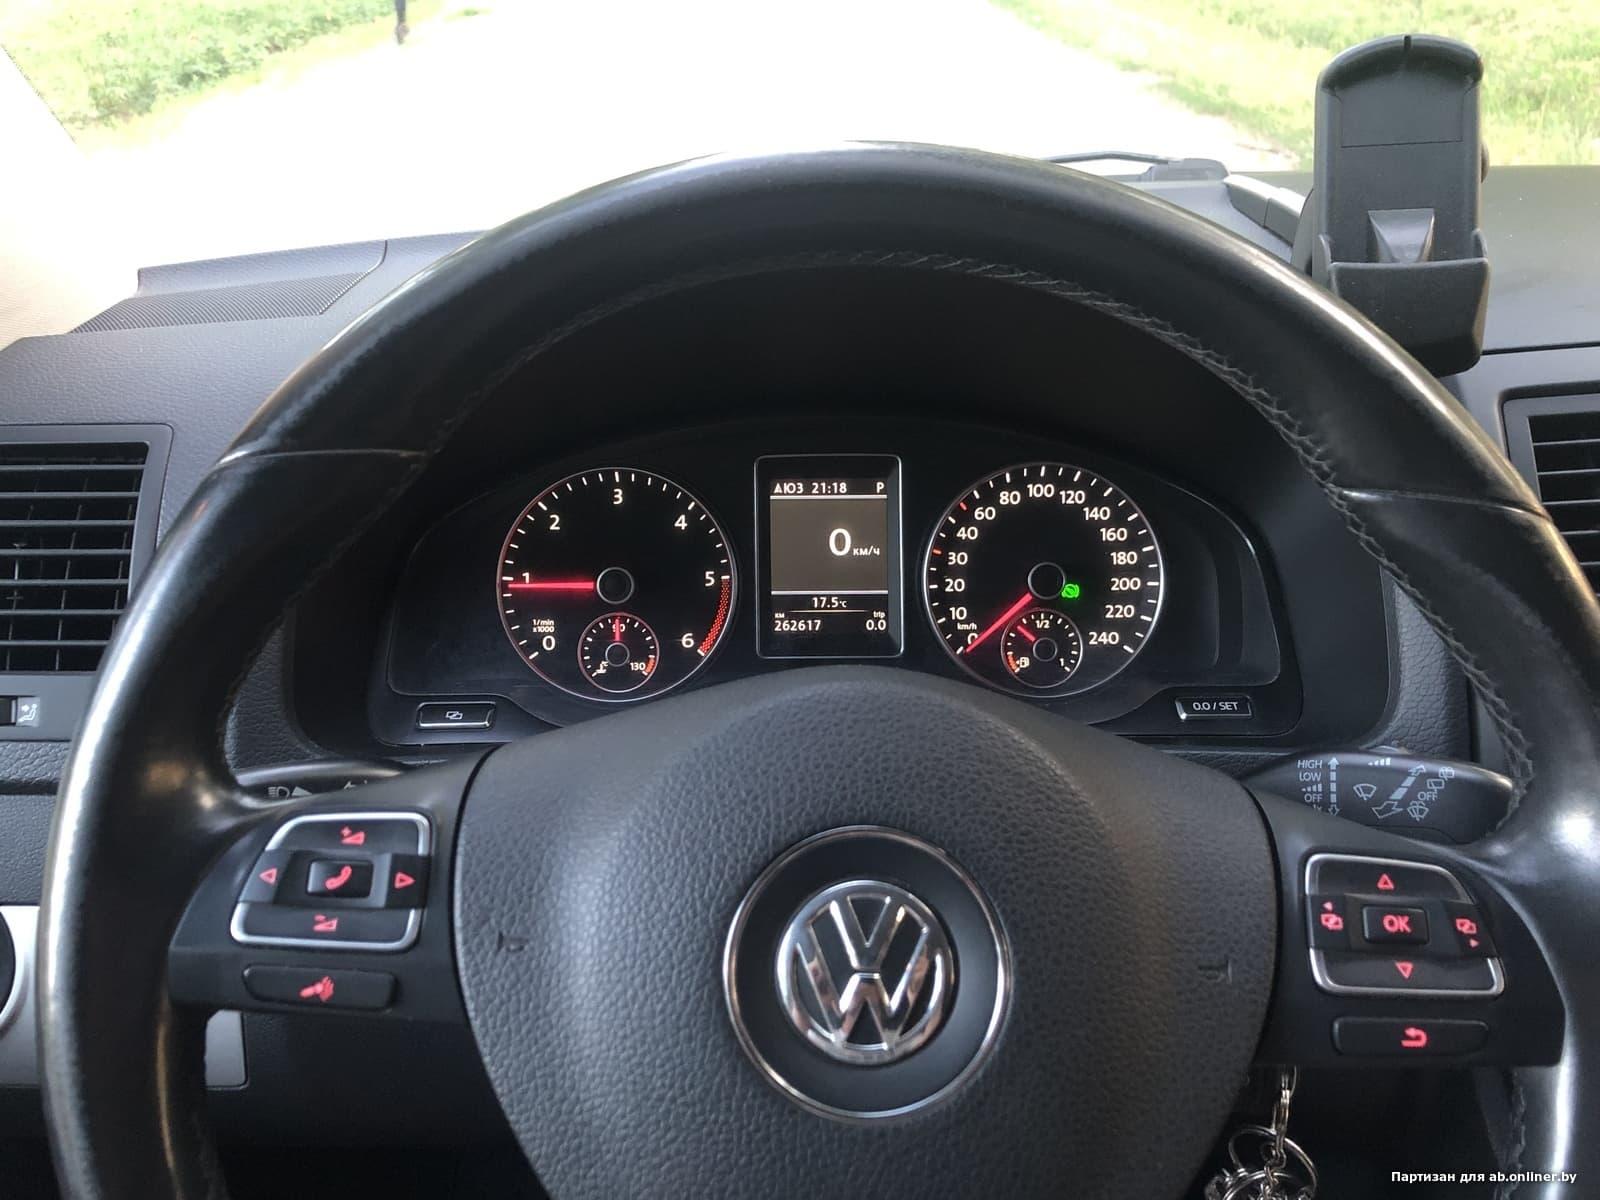 Volkswagen T5 Multivan PanAmericana